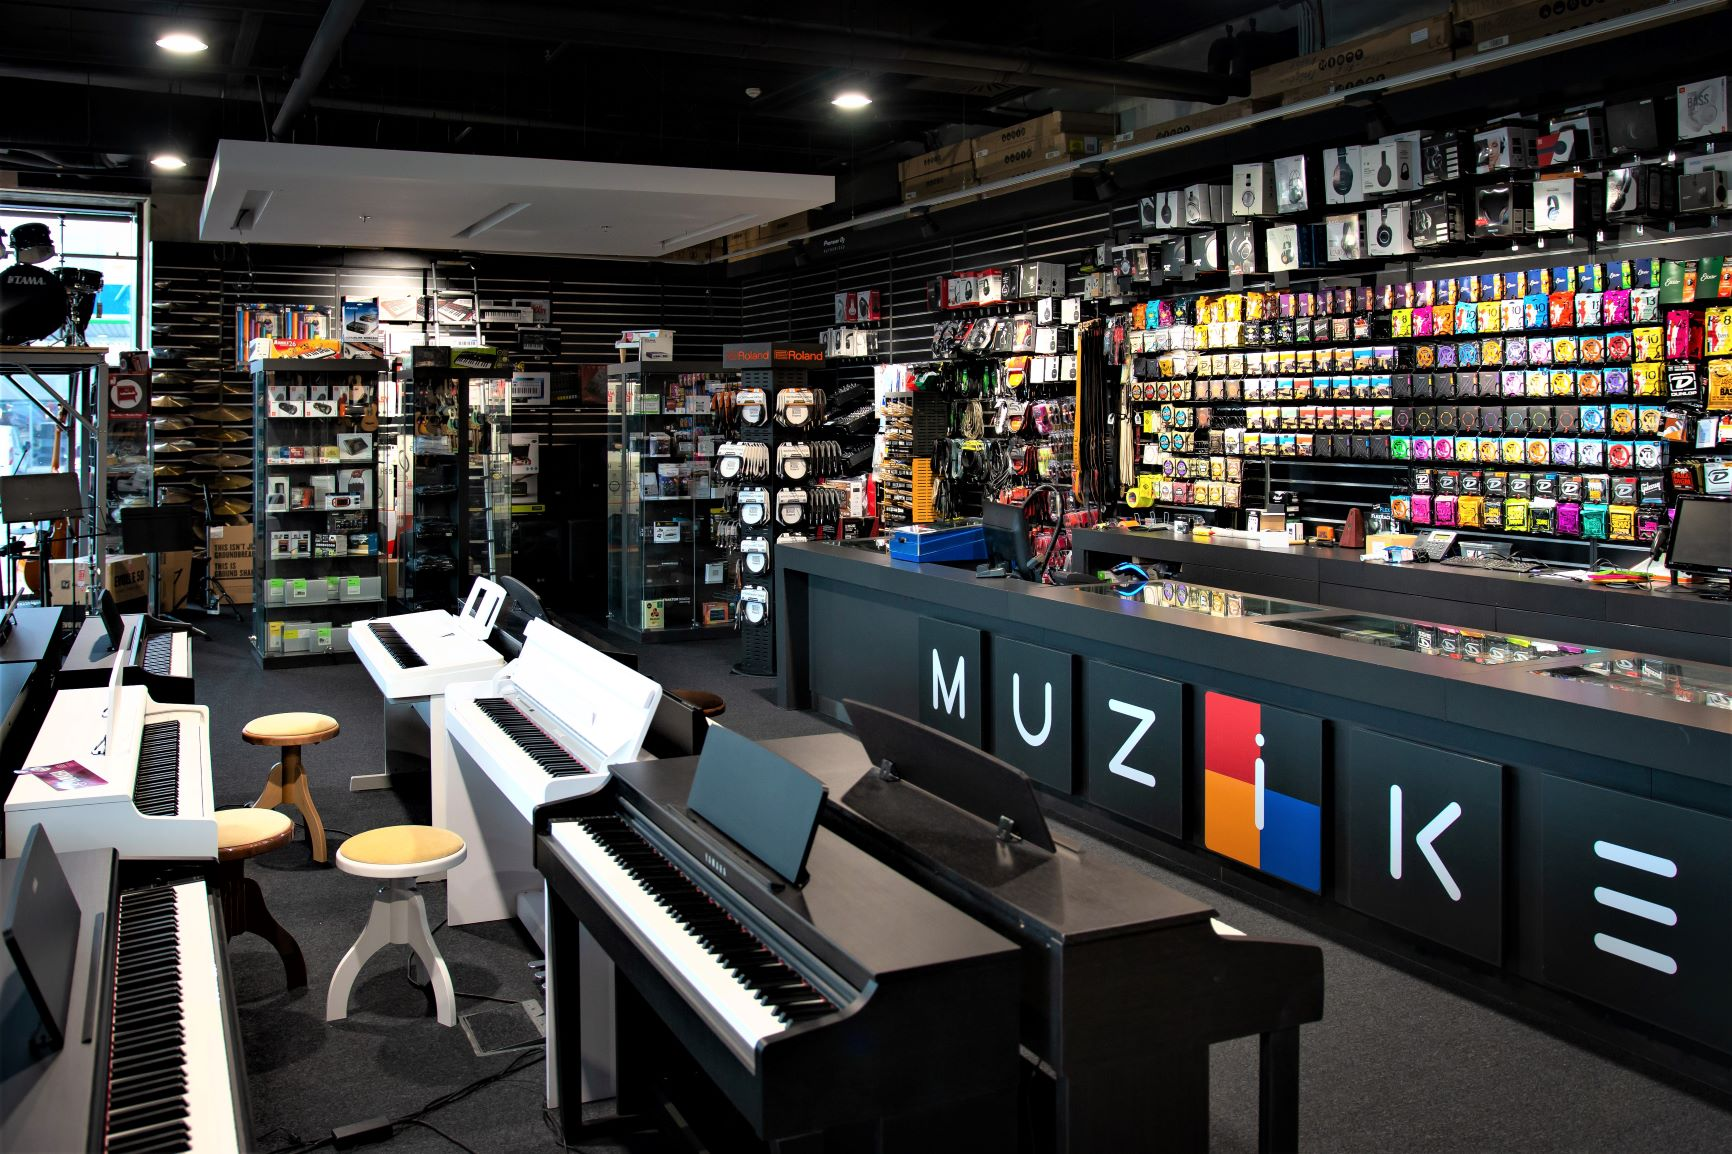 Muziker Hangszerbolt - Pozsony Digital Park - Szlovákia